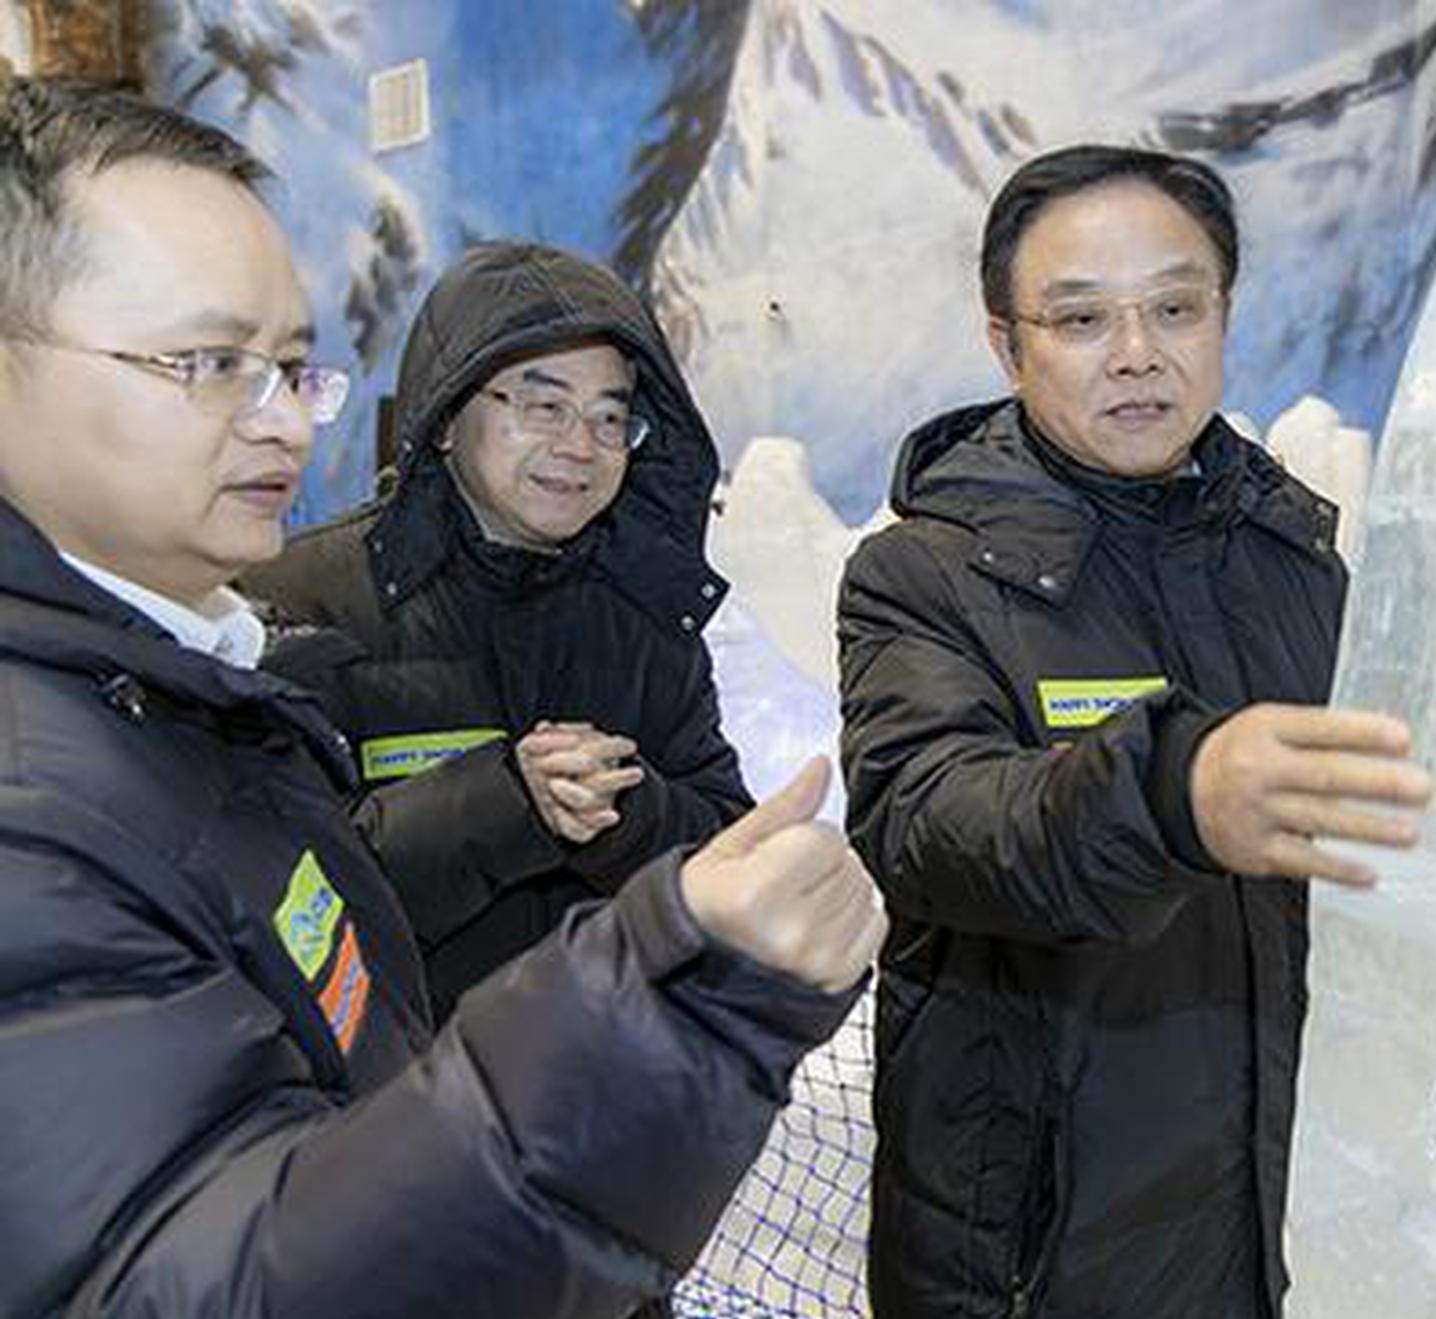 疫情后的首个长假 湖南市场监管系统出动执法81575人次